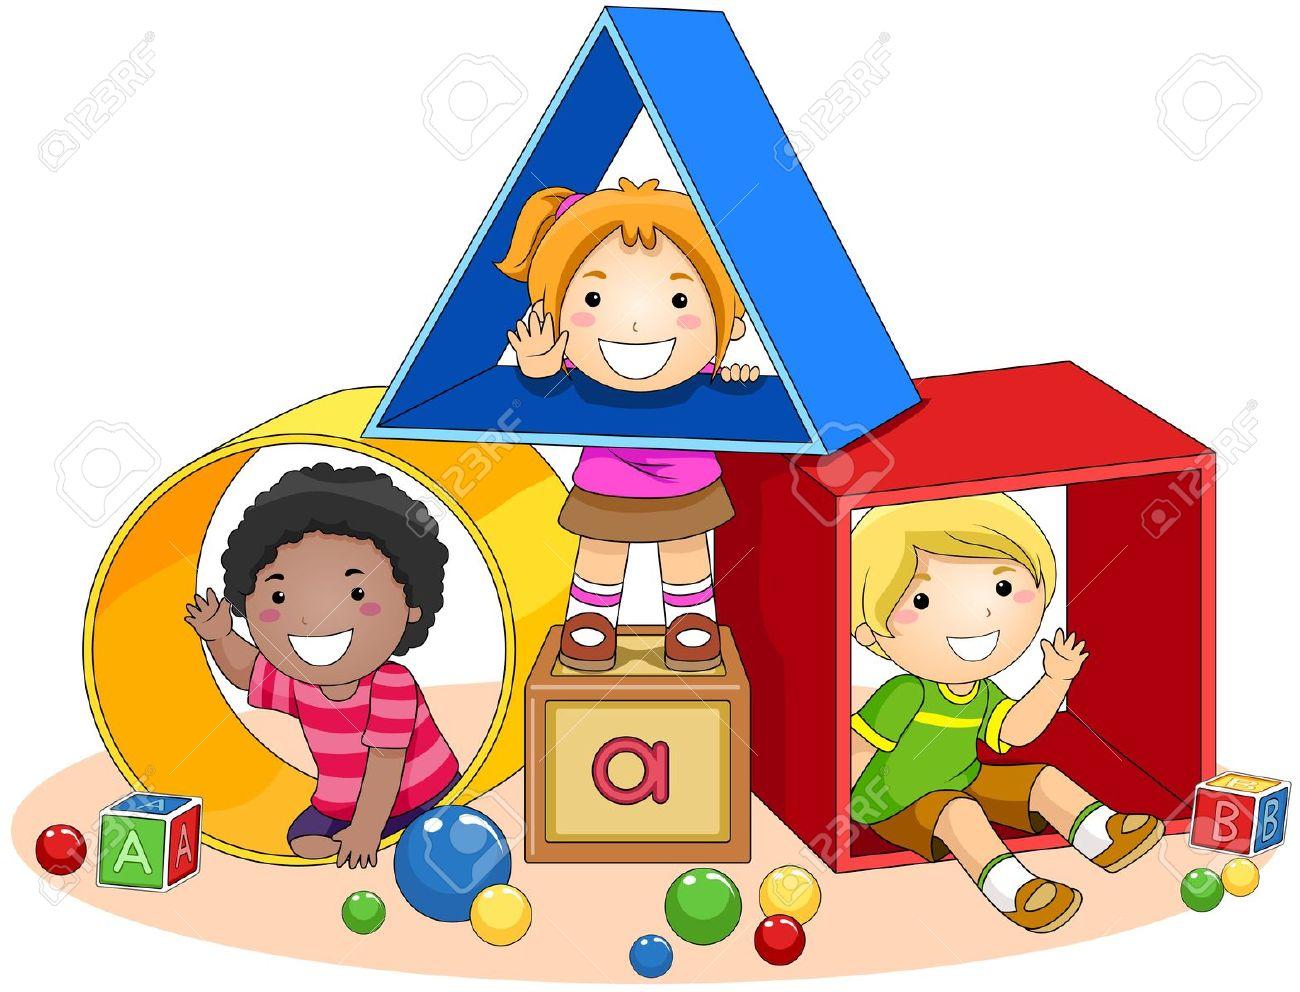 Preschool Clipart #1-Preschool Clipart #1-11